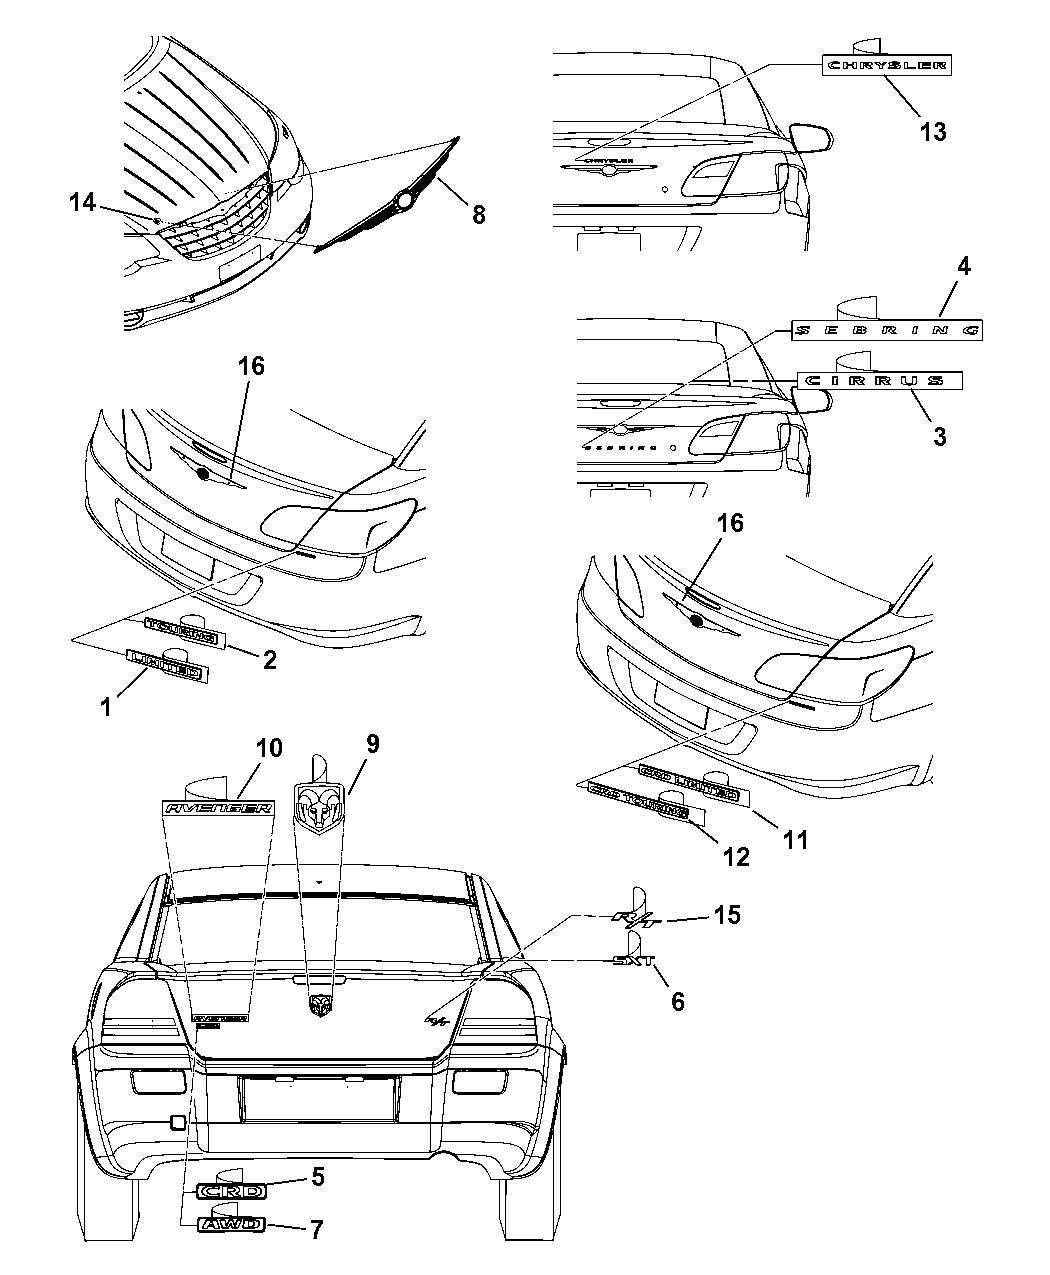 2007 Chrysler Sebring Nameplates